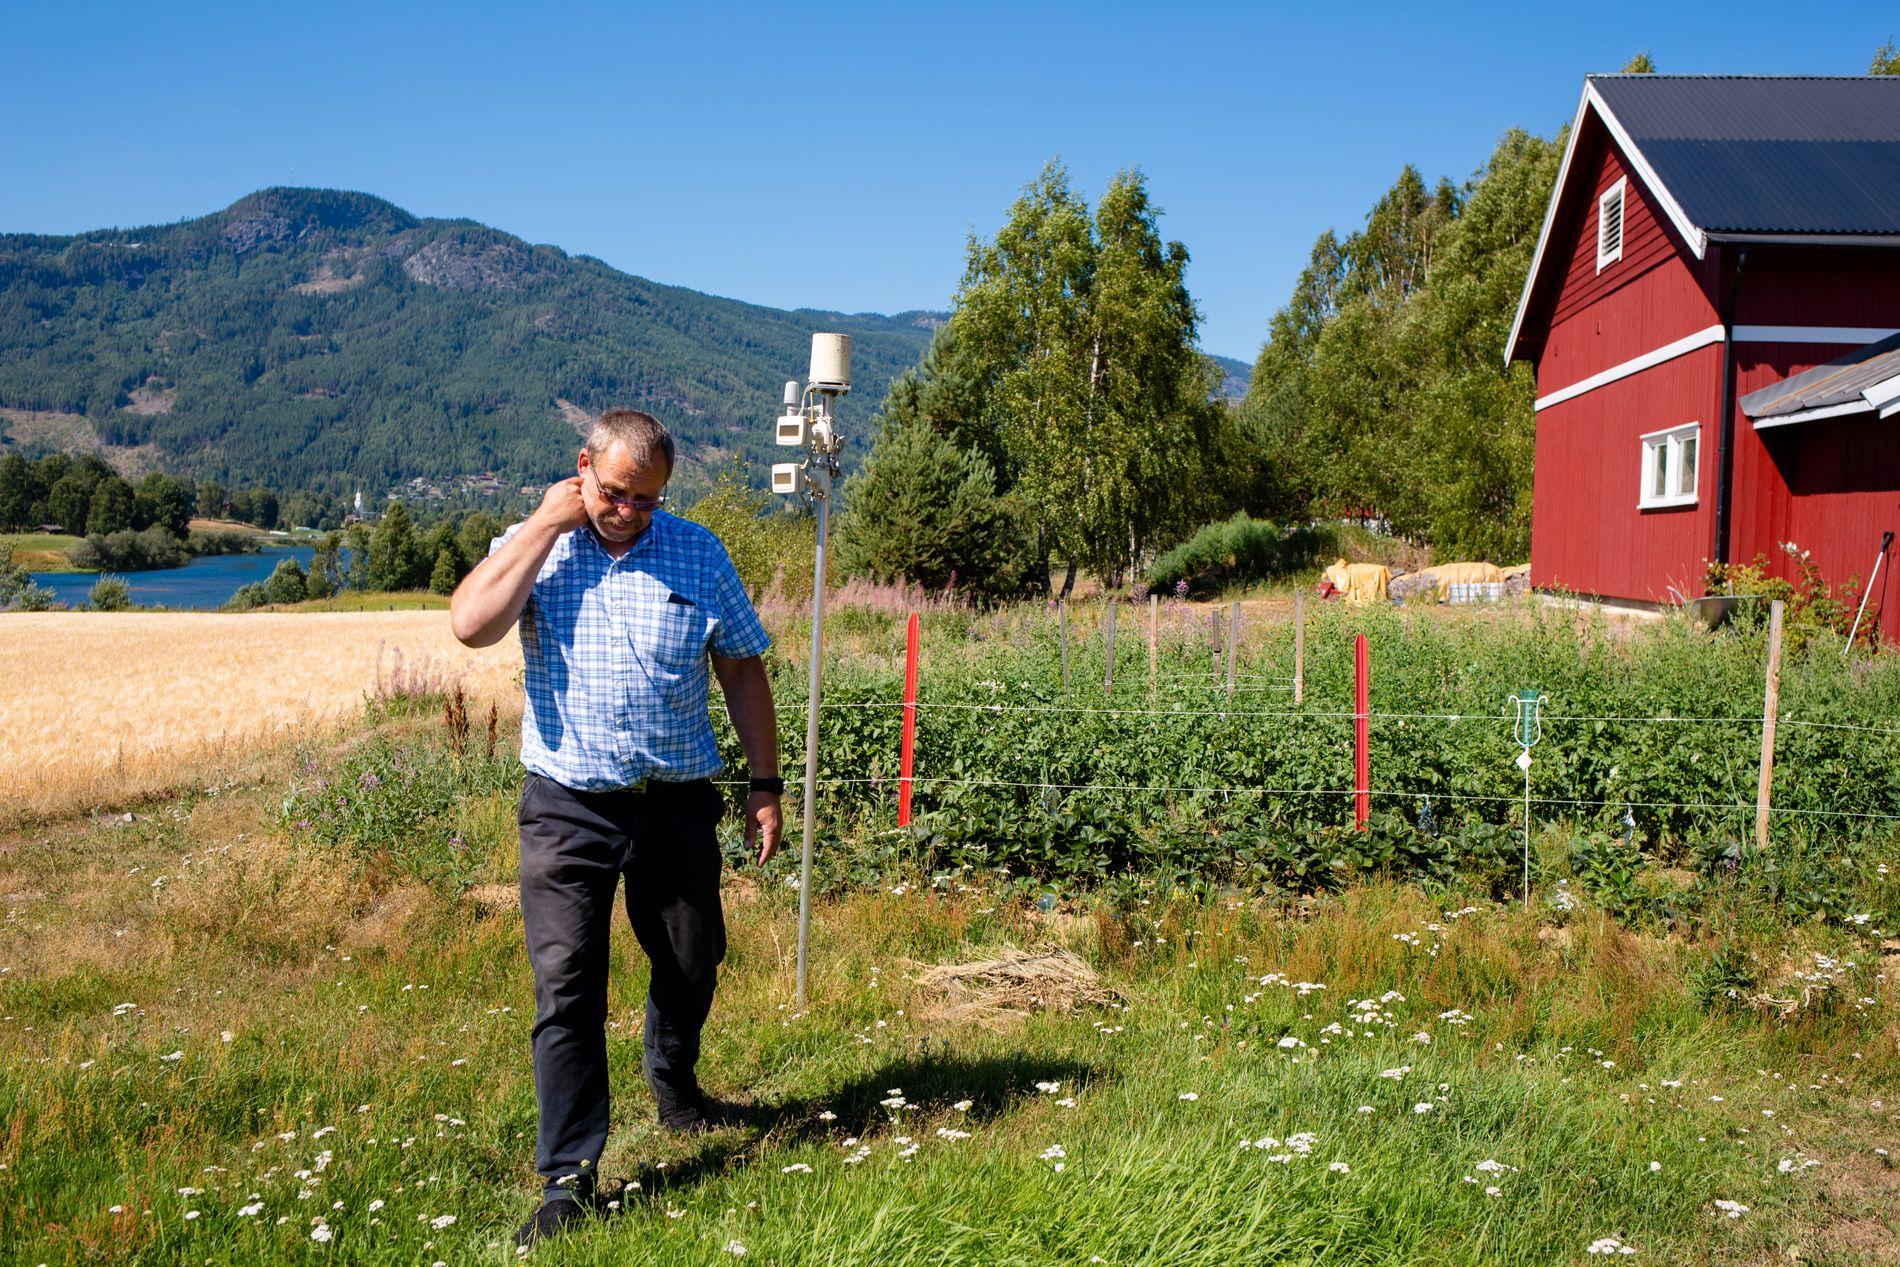 MÅLESTASJON: Fra hagen i Nesbyen har Nils Gudbrandsplass målt temperaturer opp mot 40 grader denne sommeren.